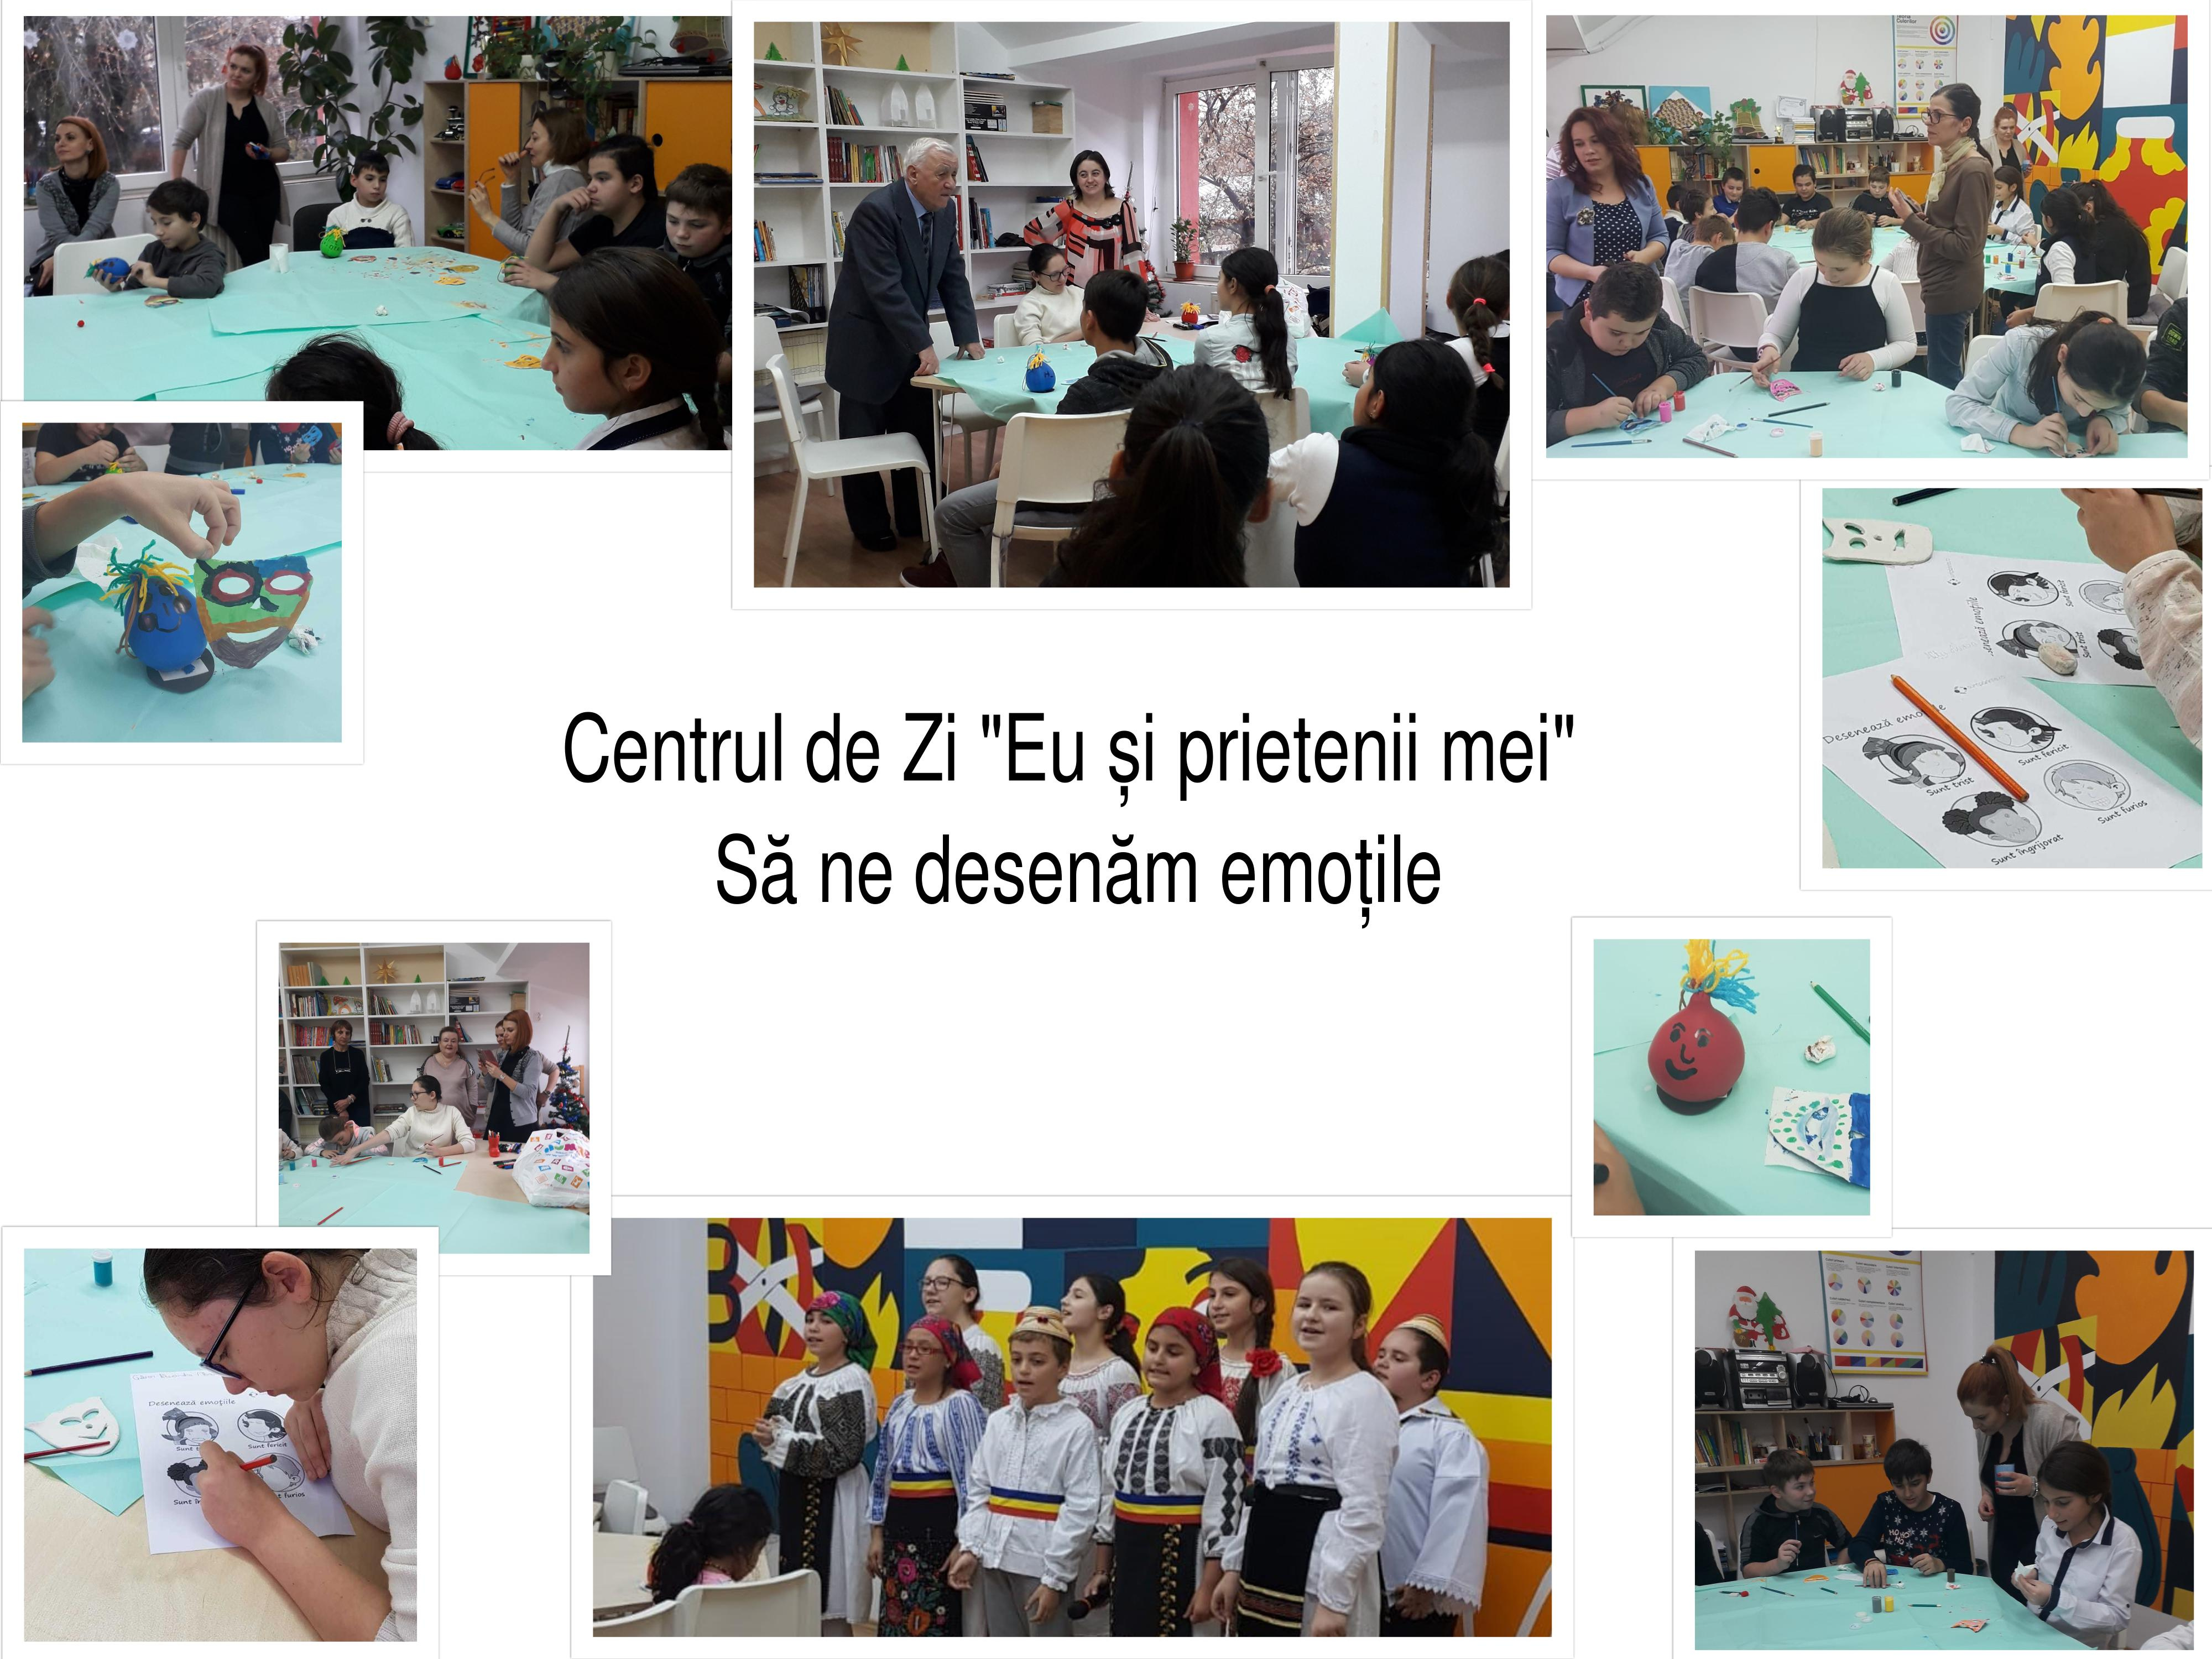 https://0501.nccdn.net/4_2/000/000/060/85f/collage-eu-si-prietenii-mei-11-4000x3000.jpg